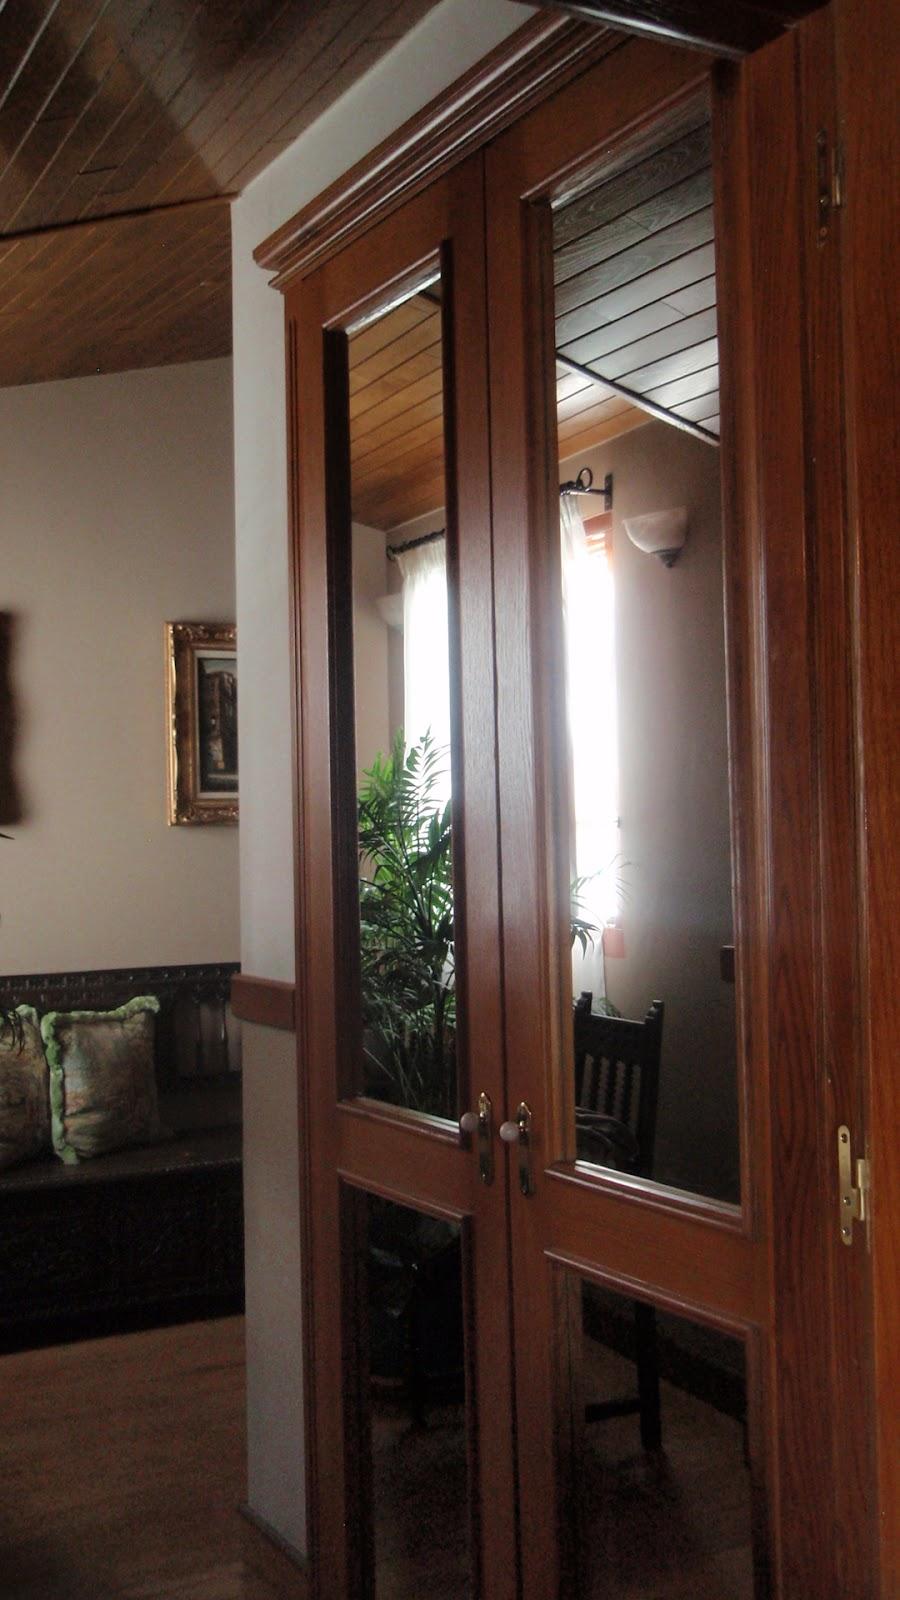 Armarios empotrados carpinteria y decoraci n carpinter a y restauraci n de muebles a medida - Decoracion de armarios empotrados ...